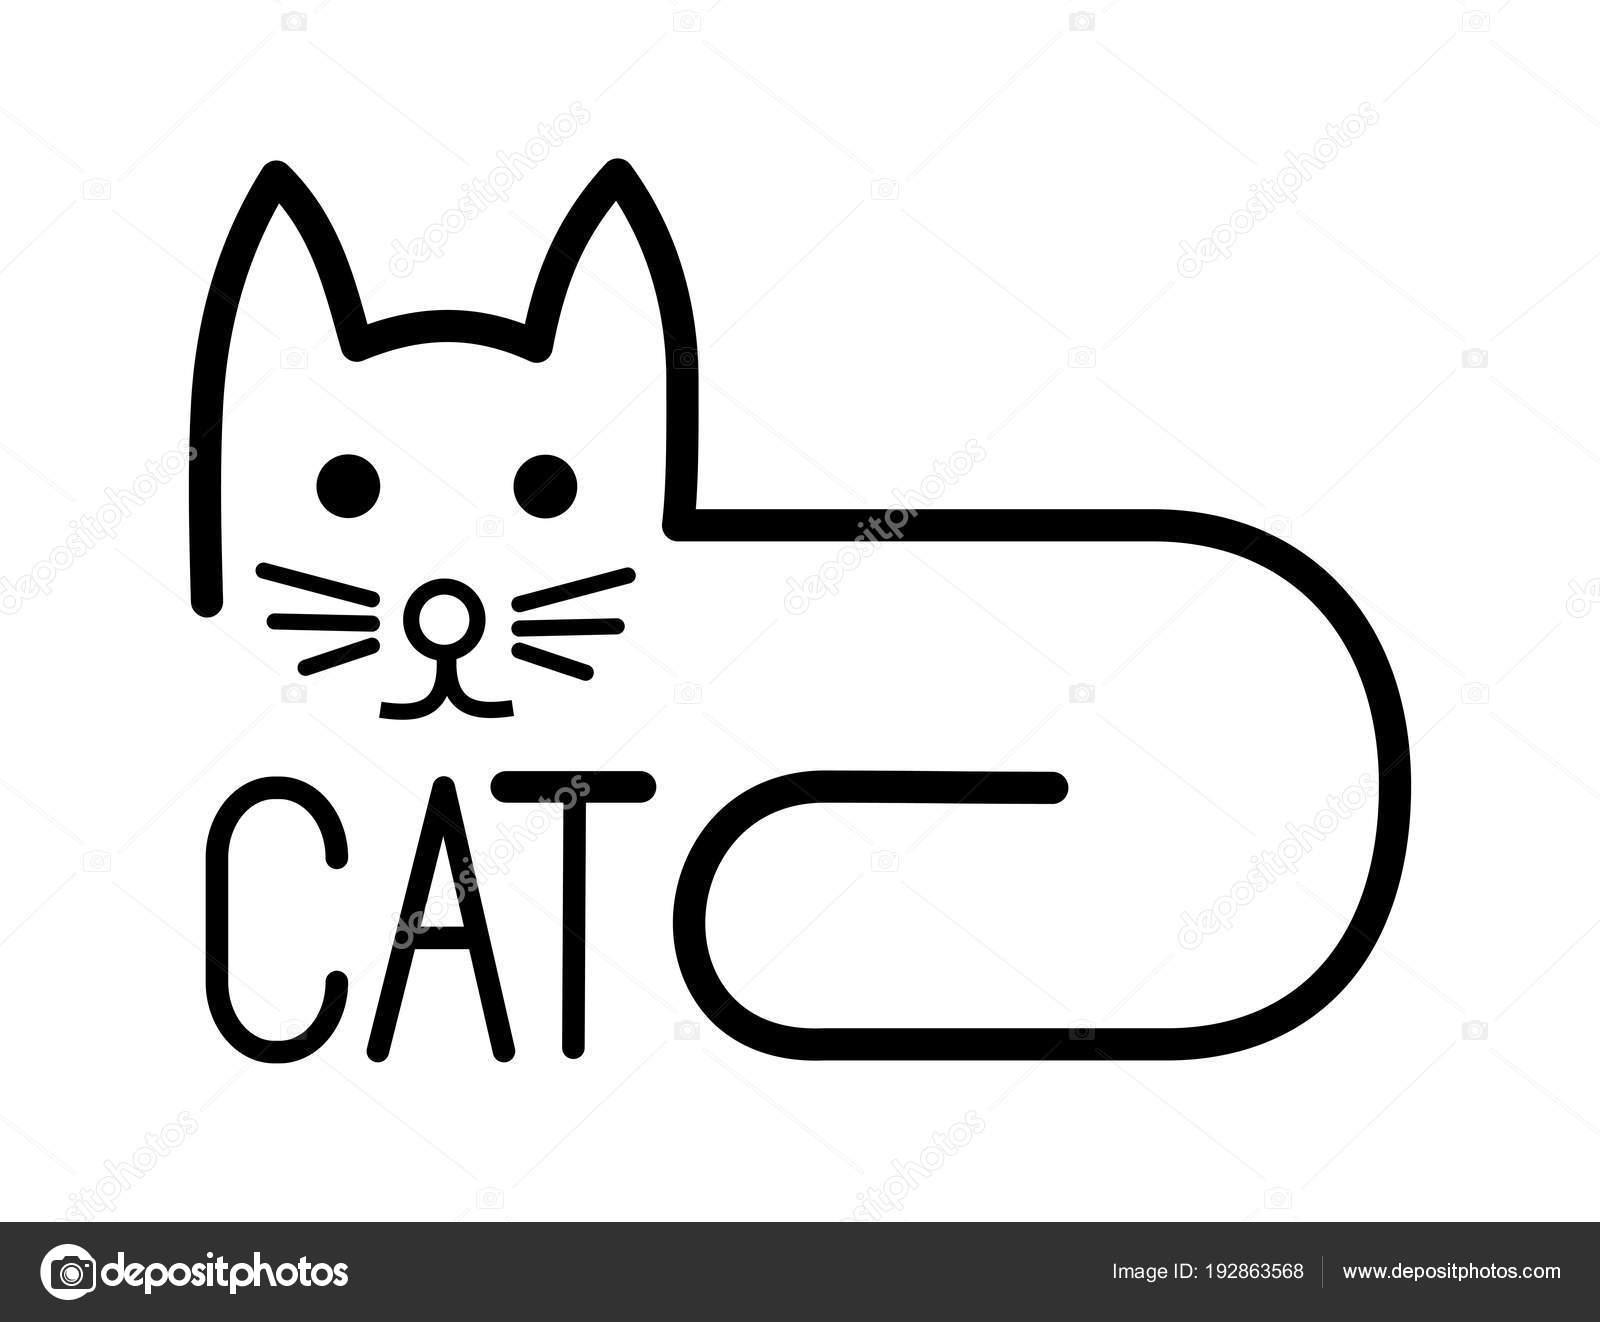 Disegno Stilizzato Di Un Gatto Con Una Sola Riga Bianco E Nero